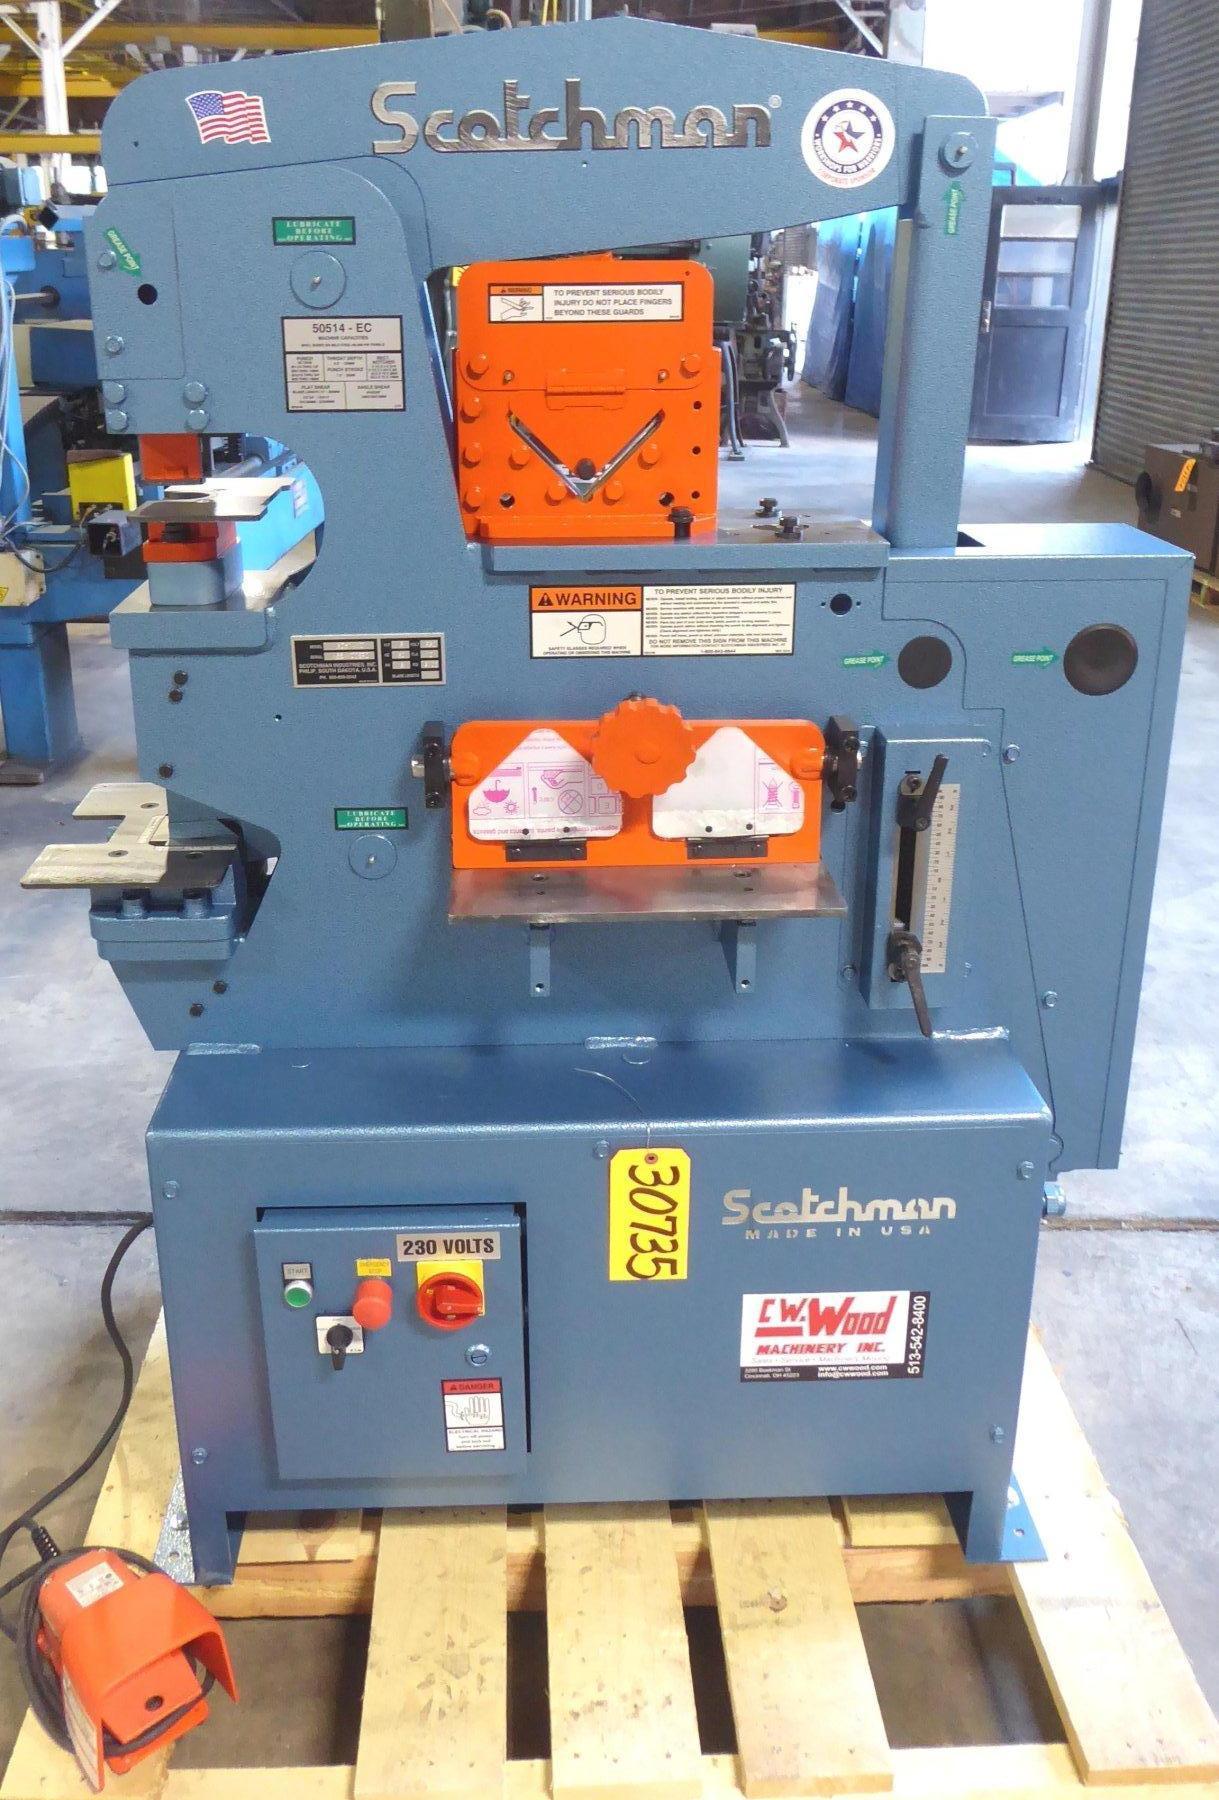 4″ x 4″ x 3/8″ SCOTCHMAN Hydraulic Ironworker, No. 50514-EC, 50 Ton, Punch, Bar Shear, Notcher, New, In Stock